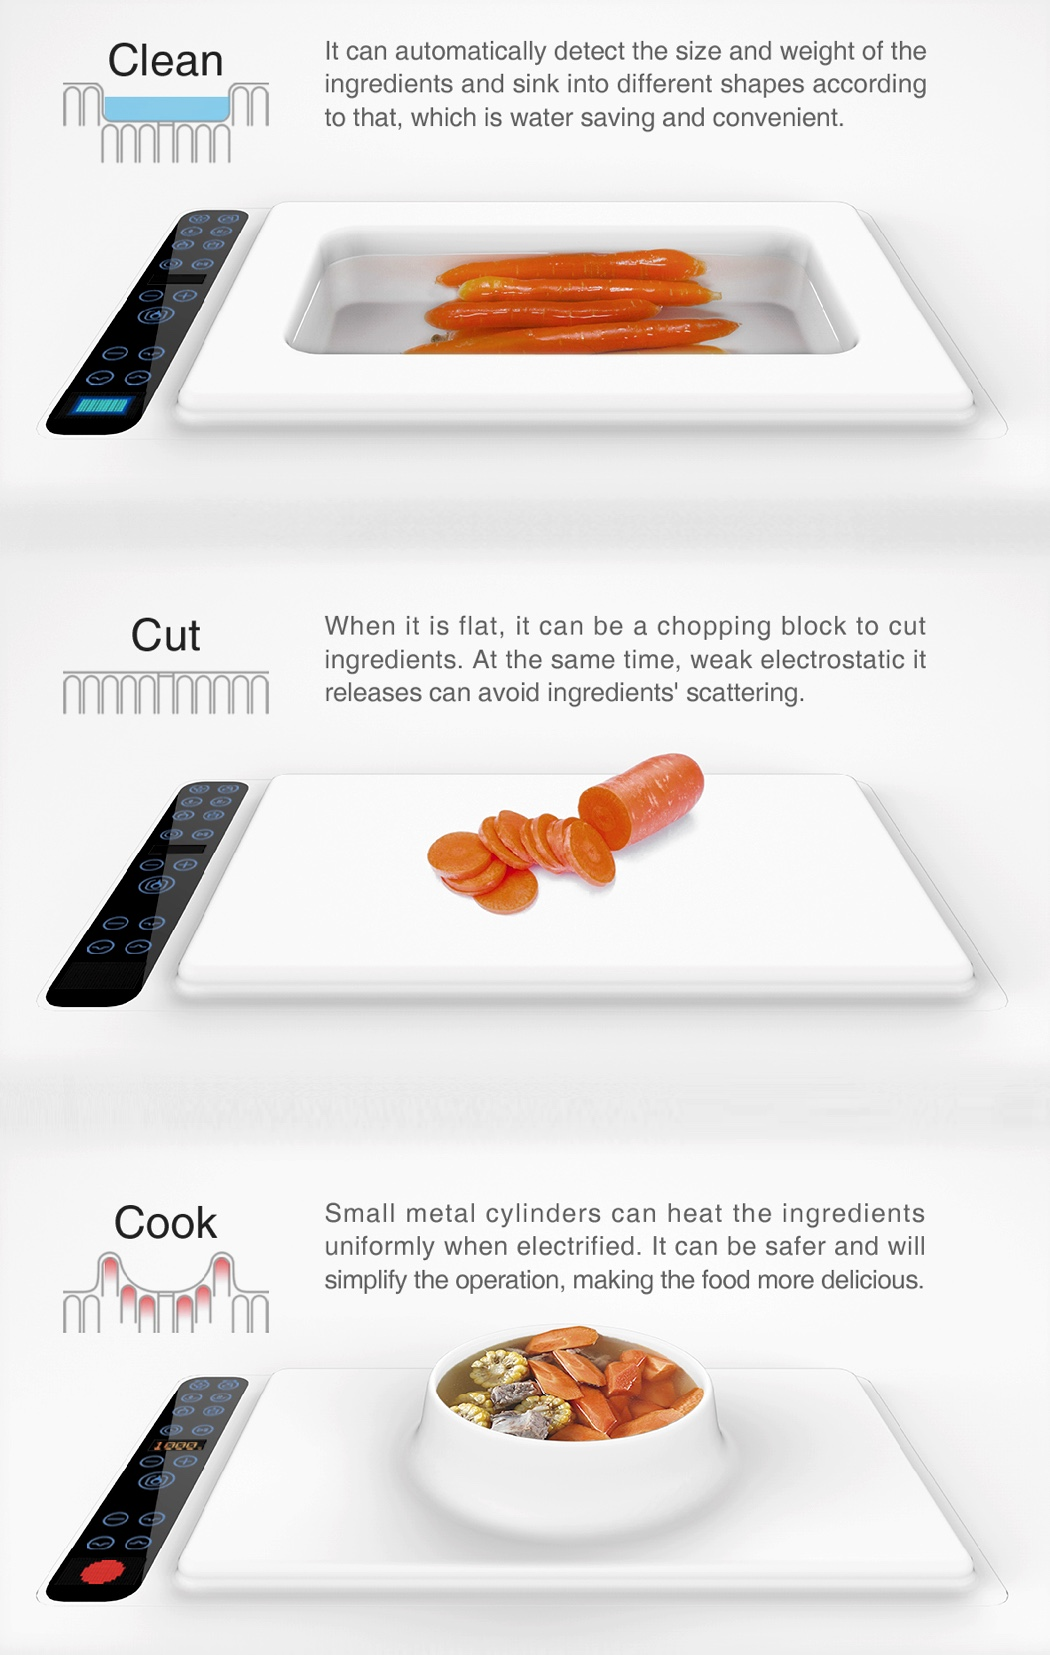 clean_cut_cook_4